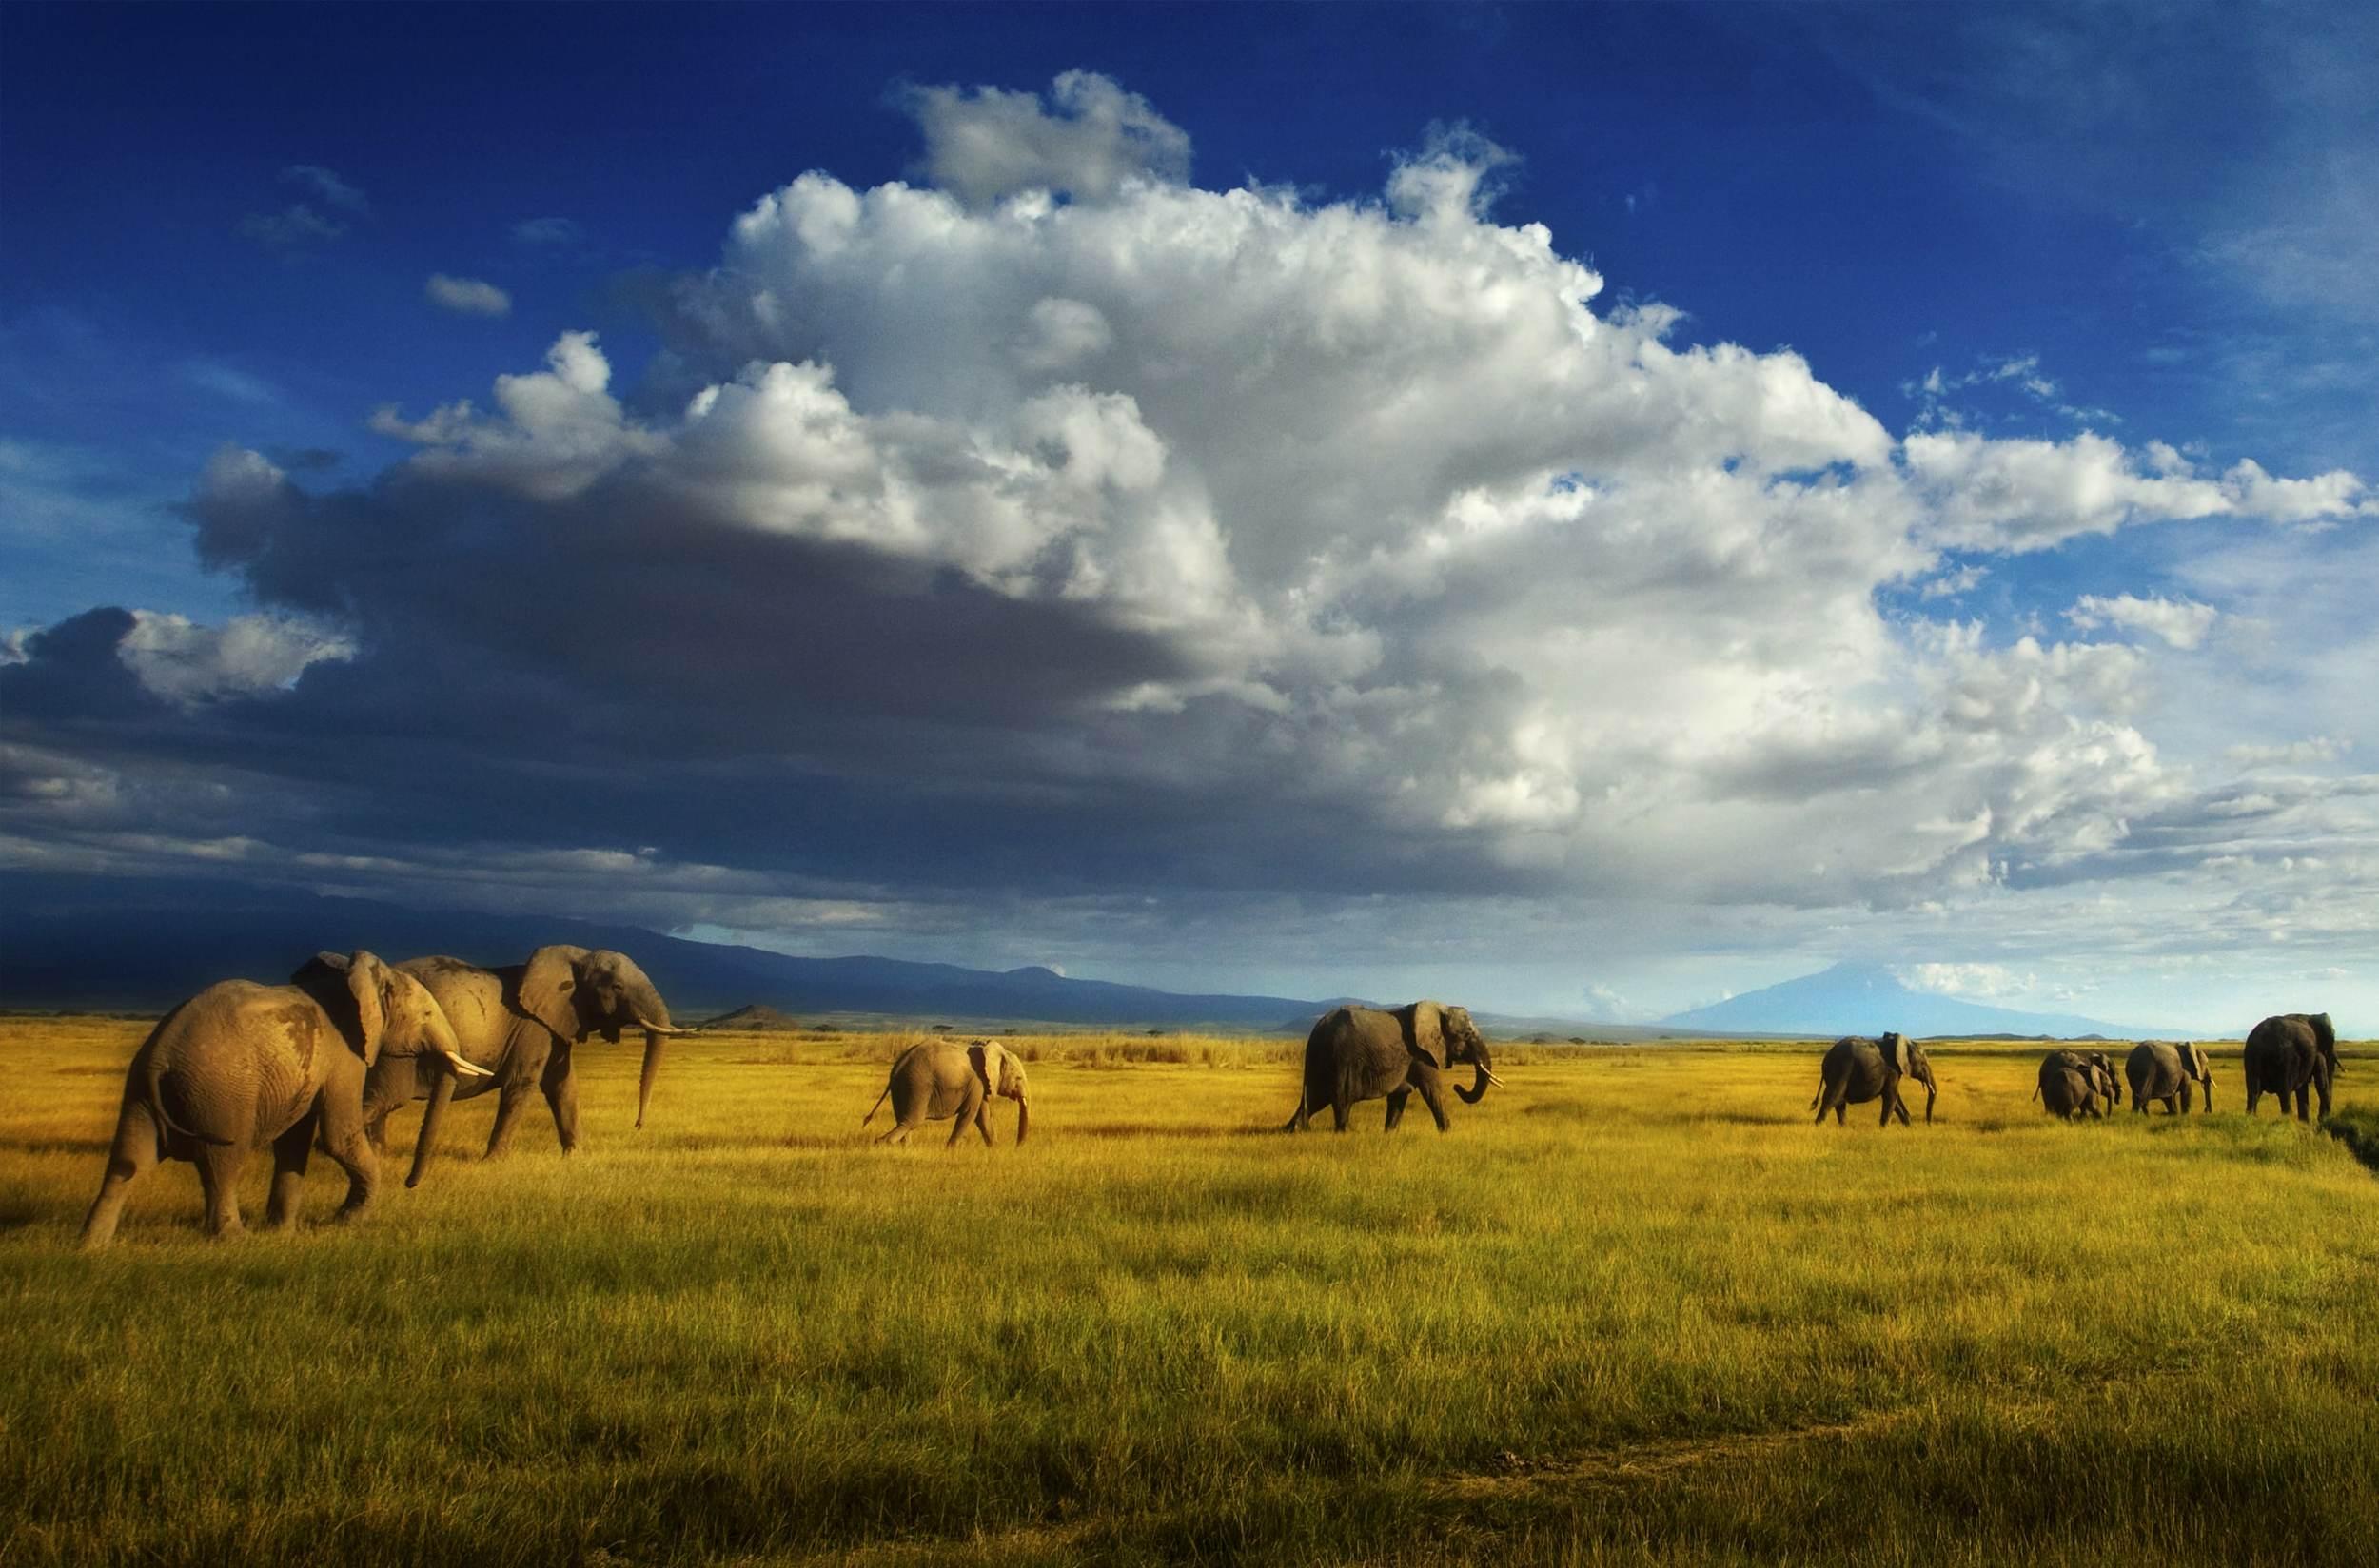 hp-elephant-herd.jpg